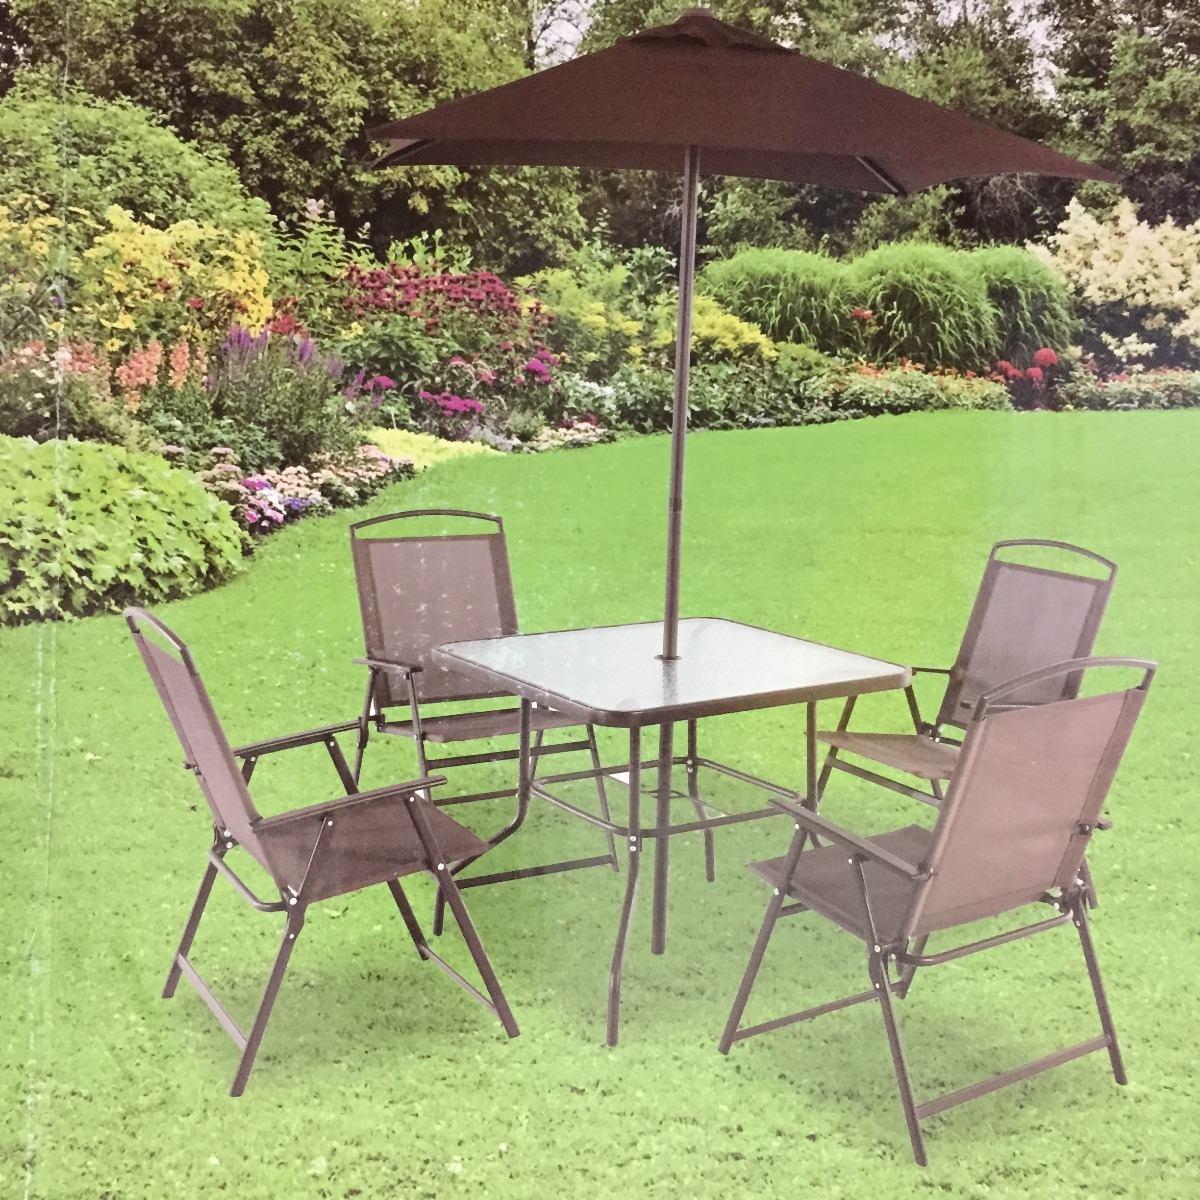 Comedor jardin terraza patio mesa 4 sillas y sombrilla for Sillas de terraza y jardin